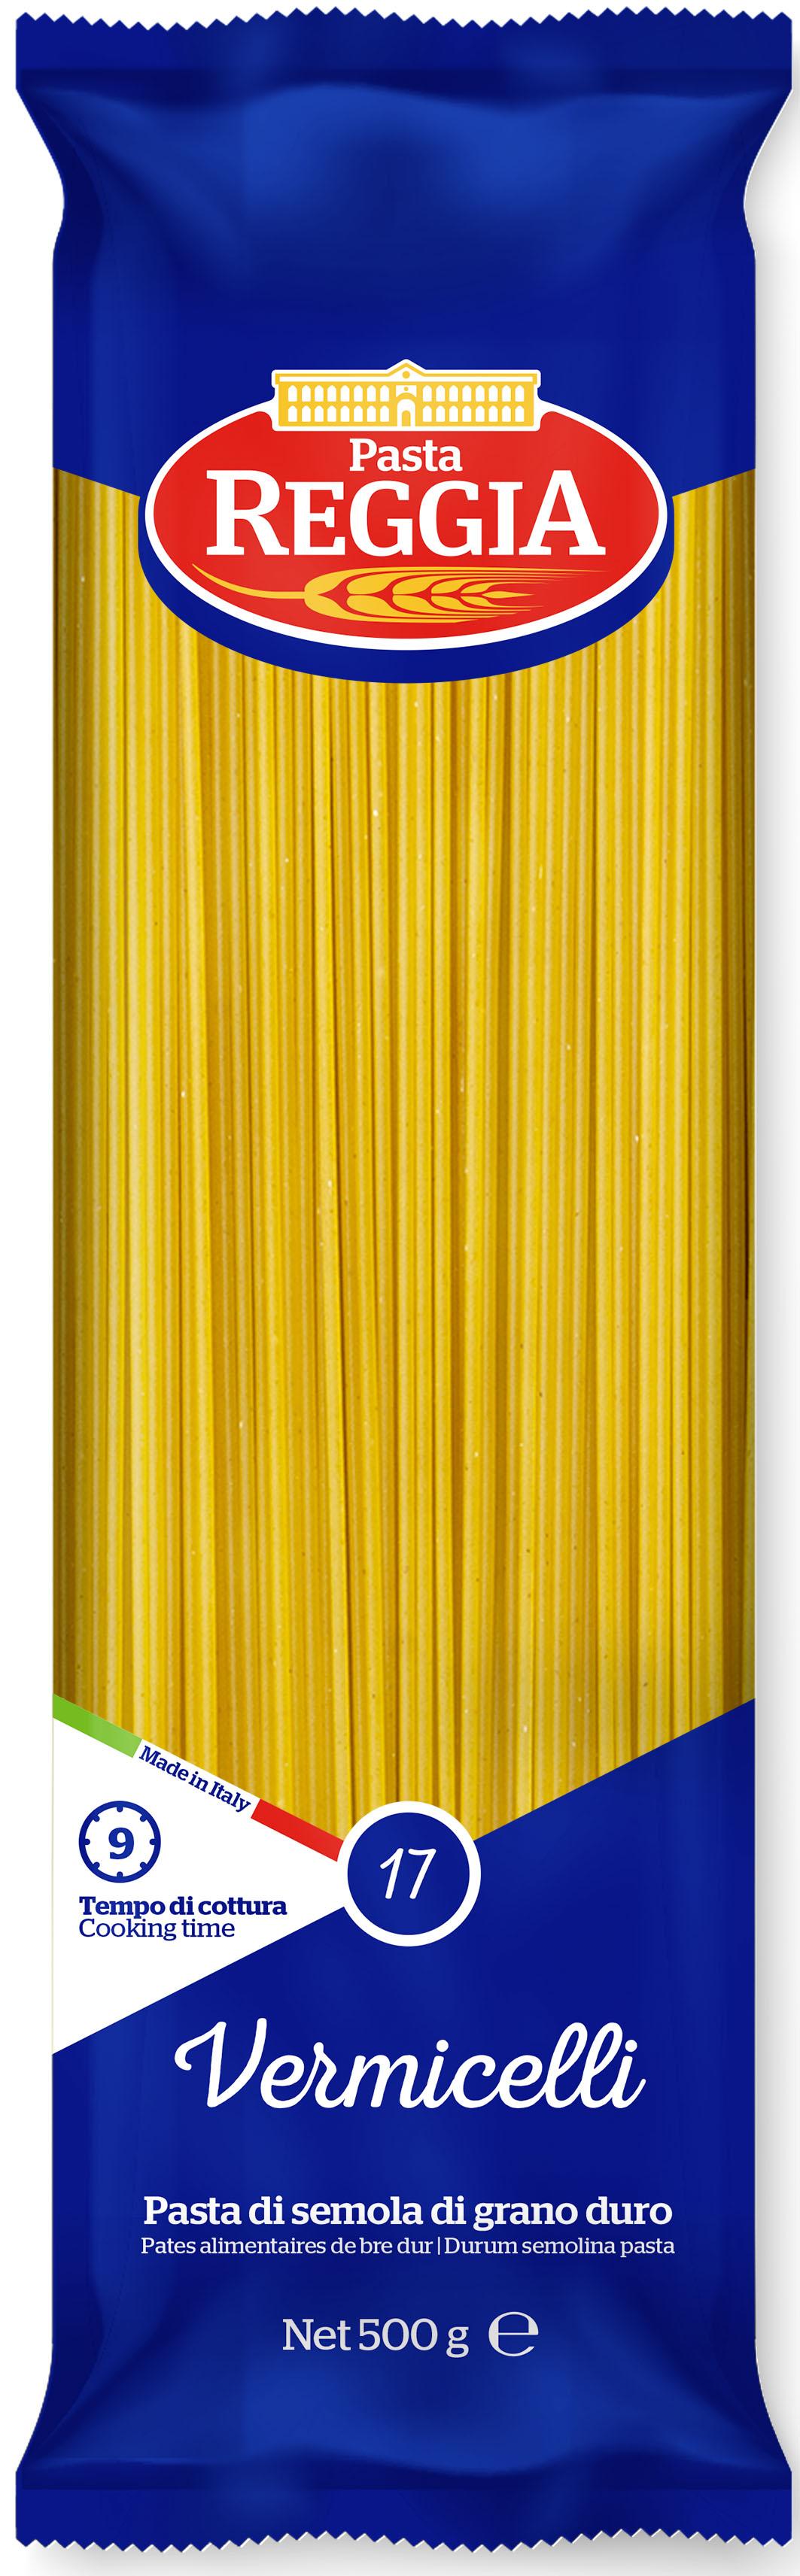 Макаронные изделия из твердых сортов пшеницы Vermicelli 500г Reggia